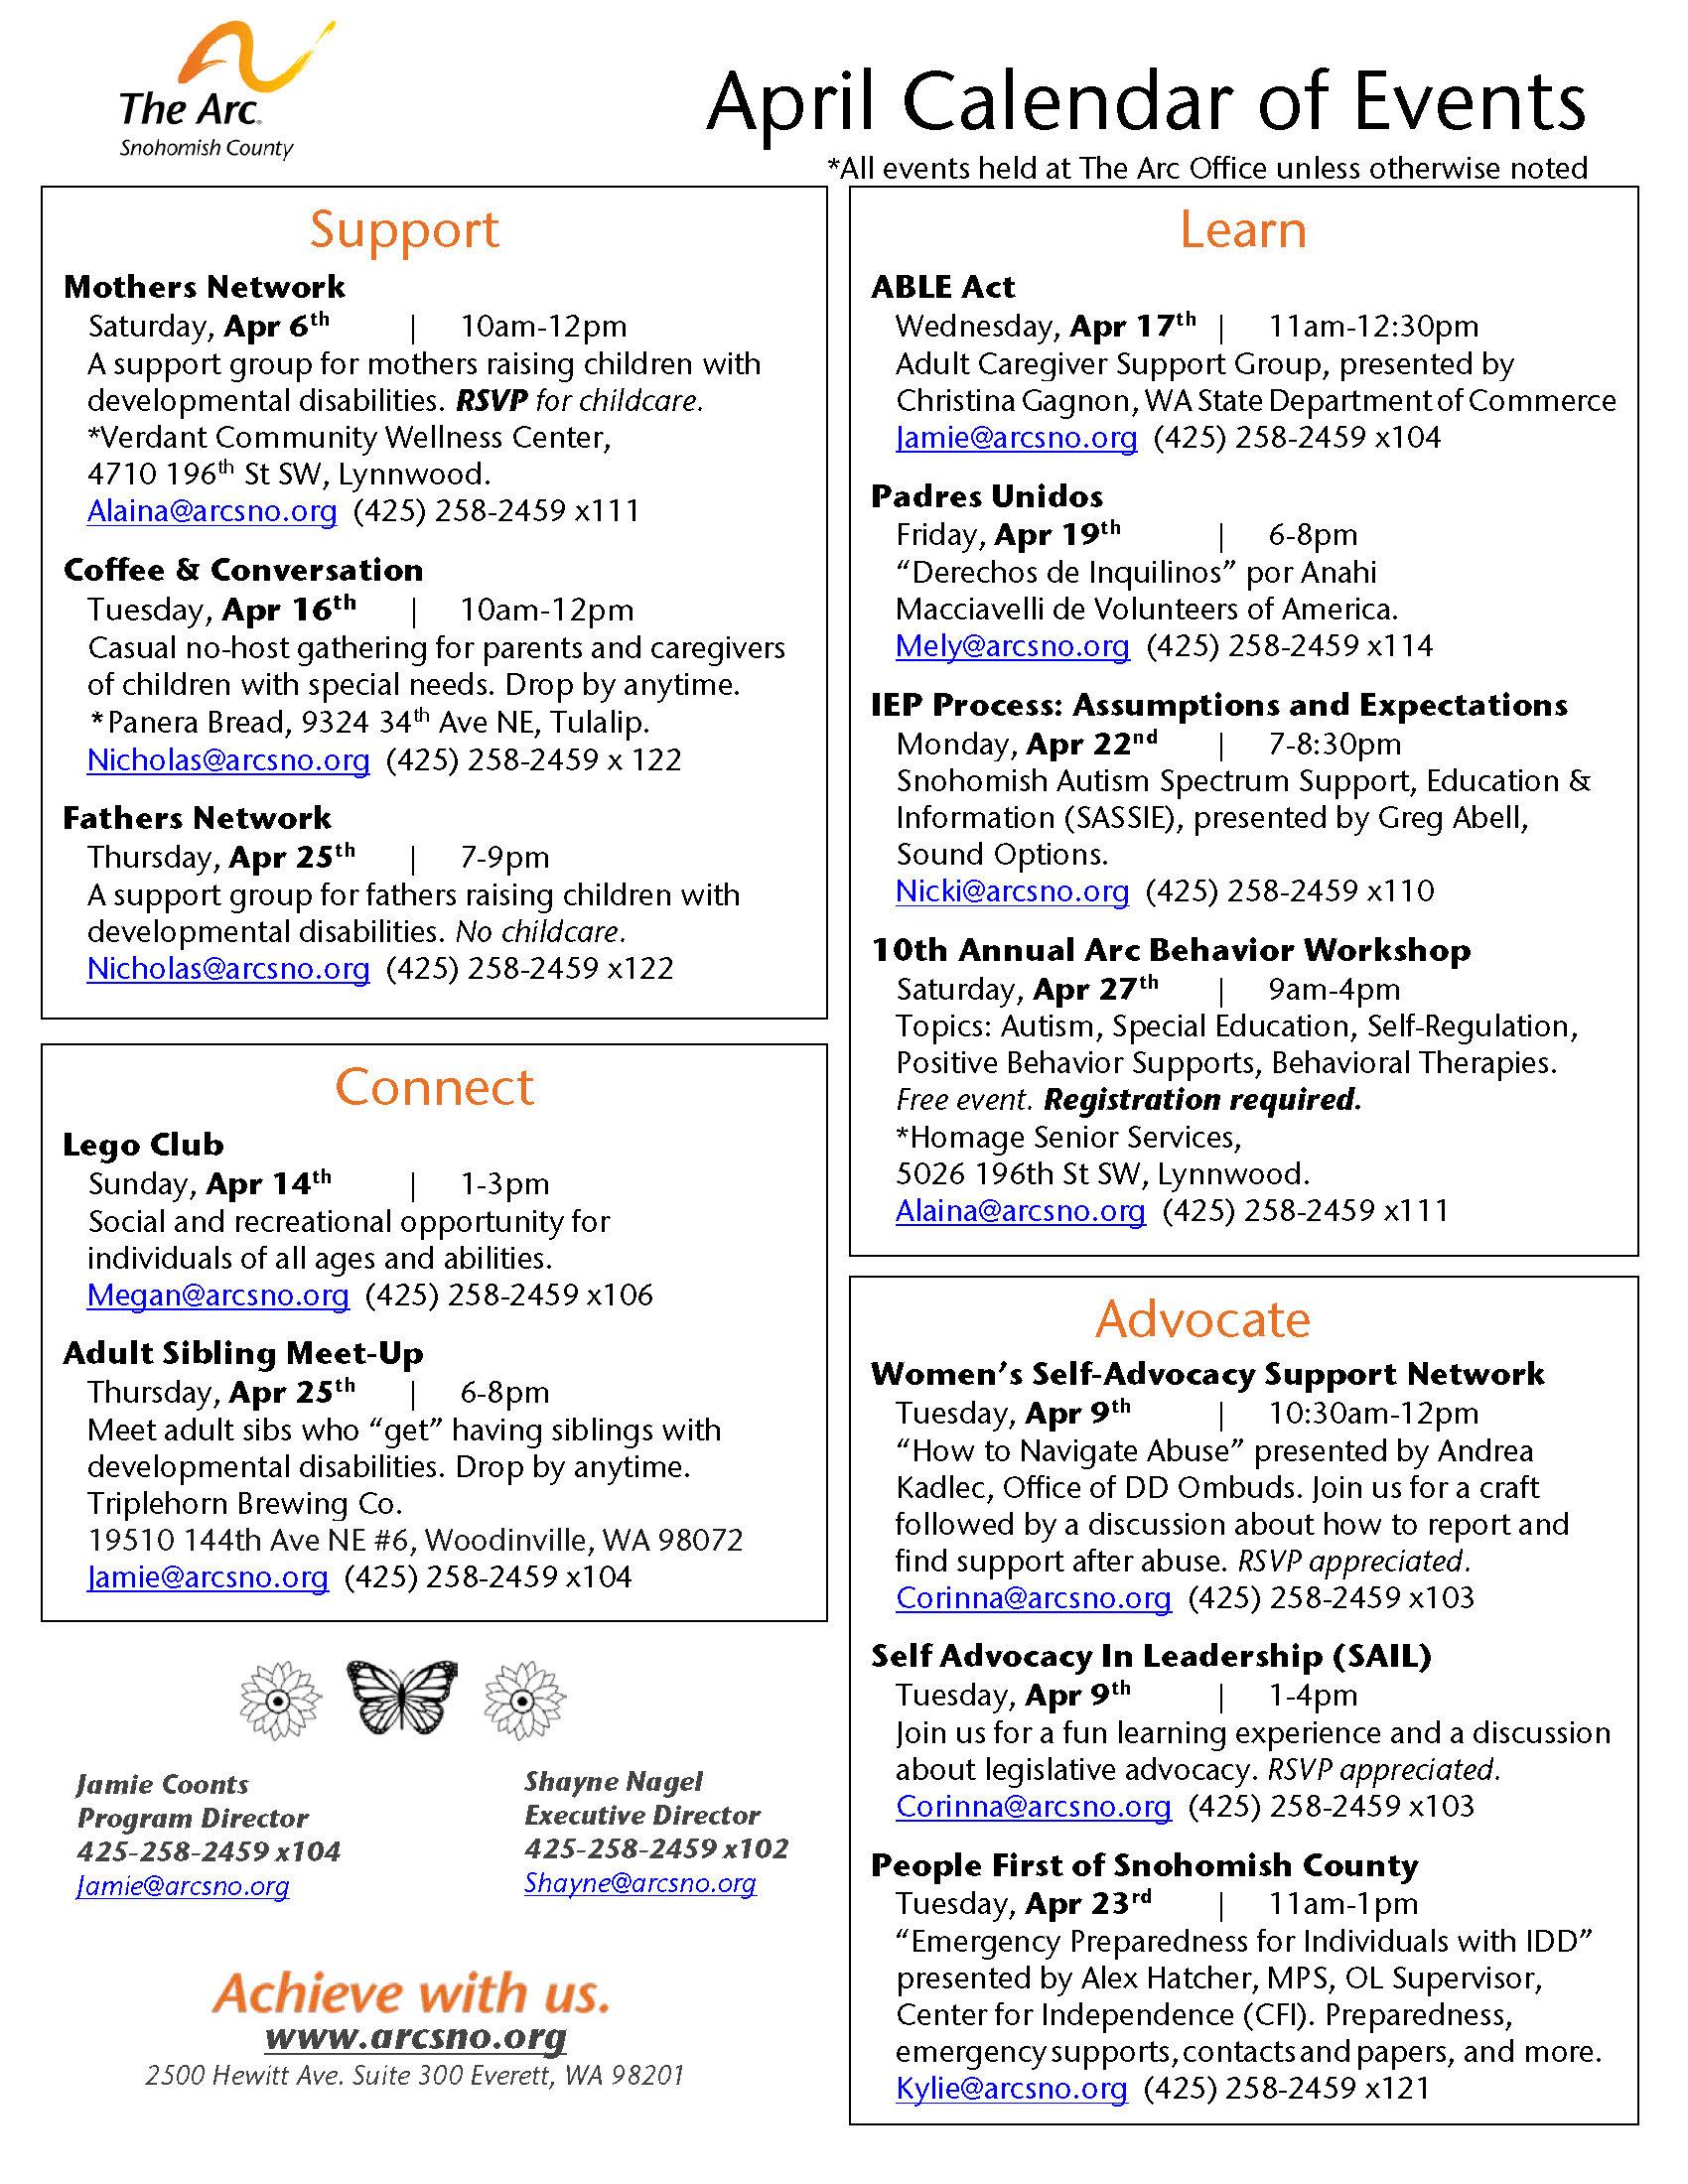 April 2019 Calendar of Events